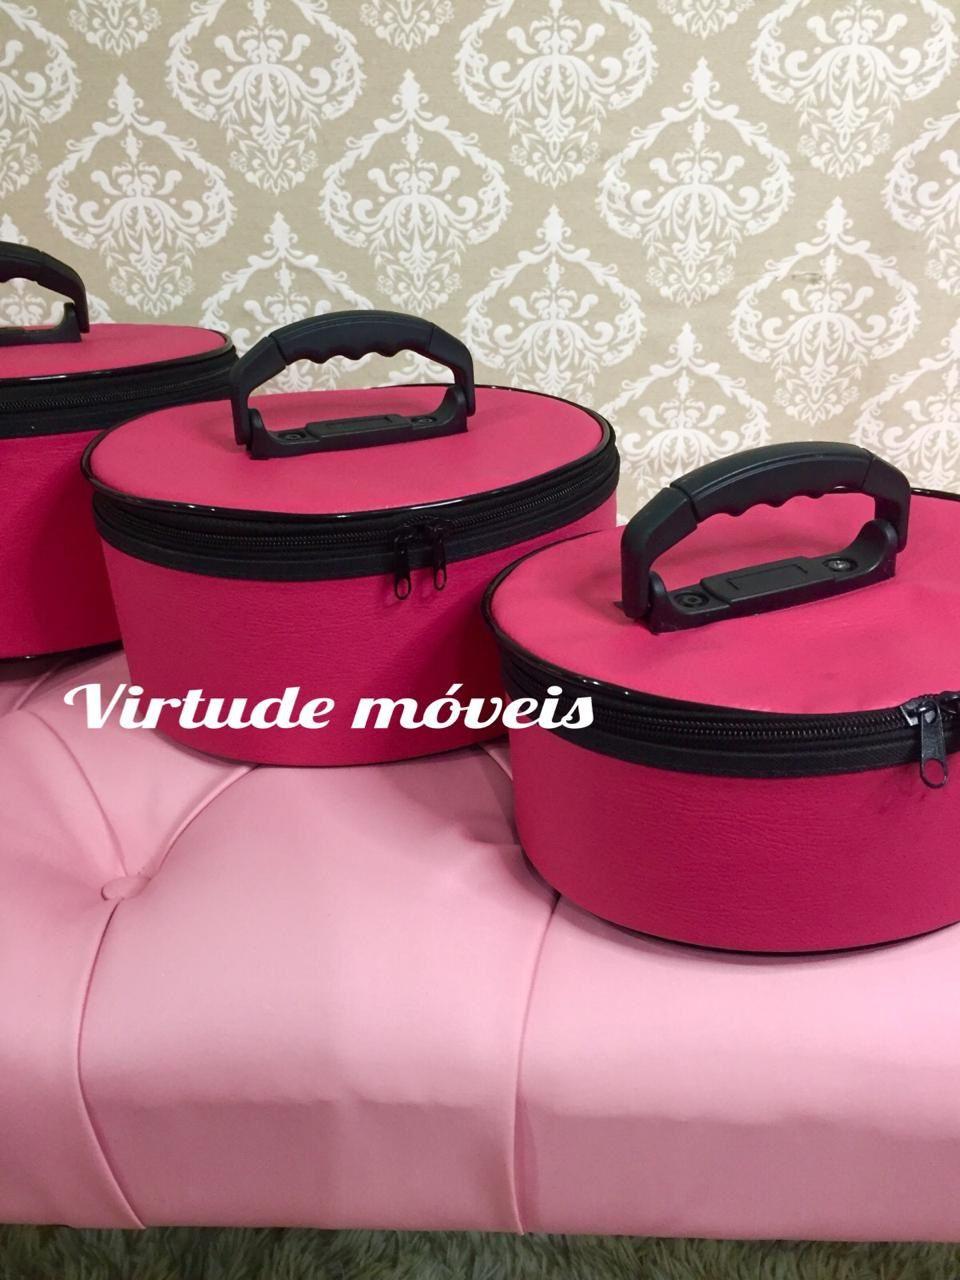 Frasqueira De Maquiagens,esmaltes E Acessórios Kit C/3 Peças PINK  - Virtude Móveis